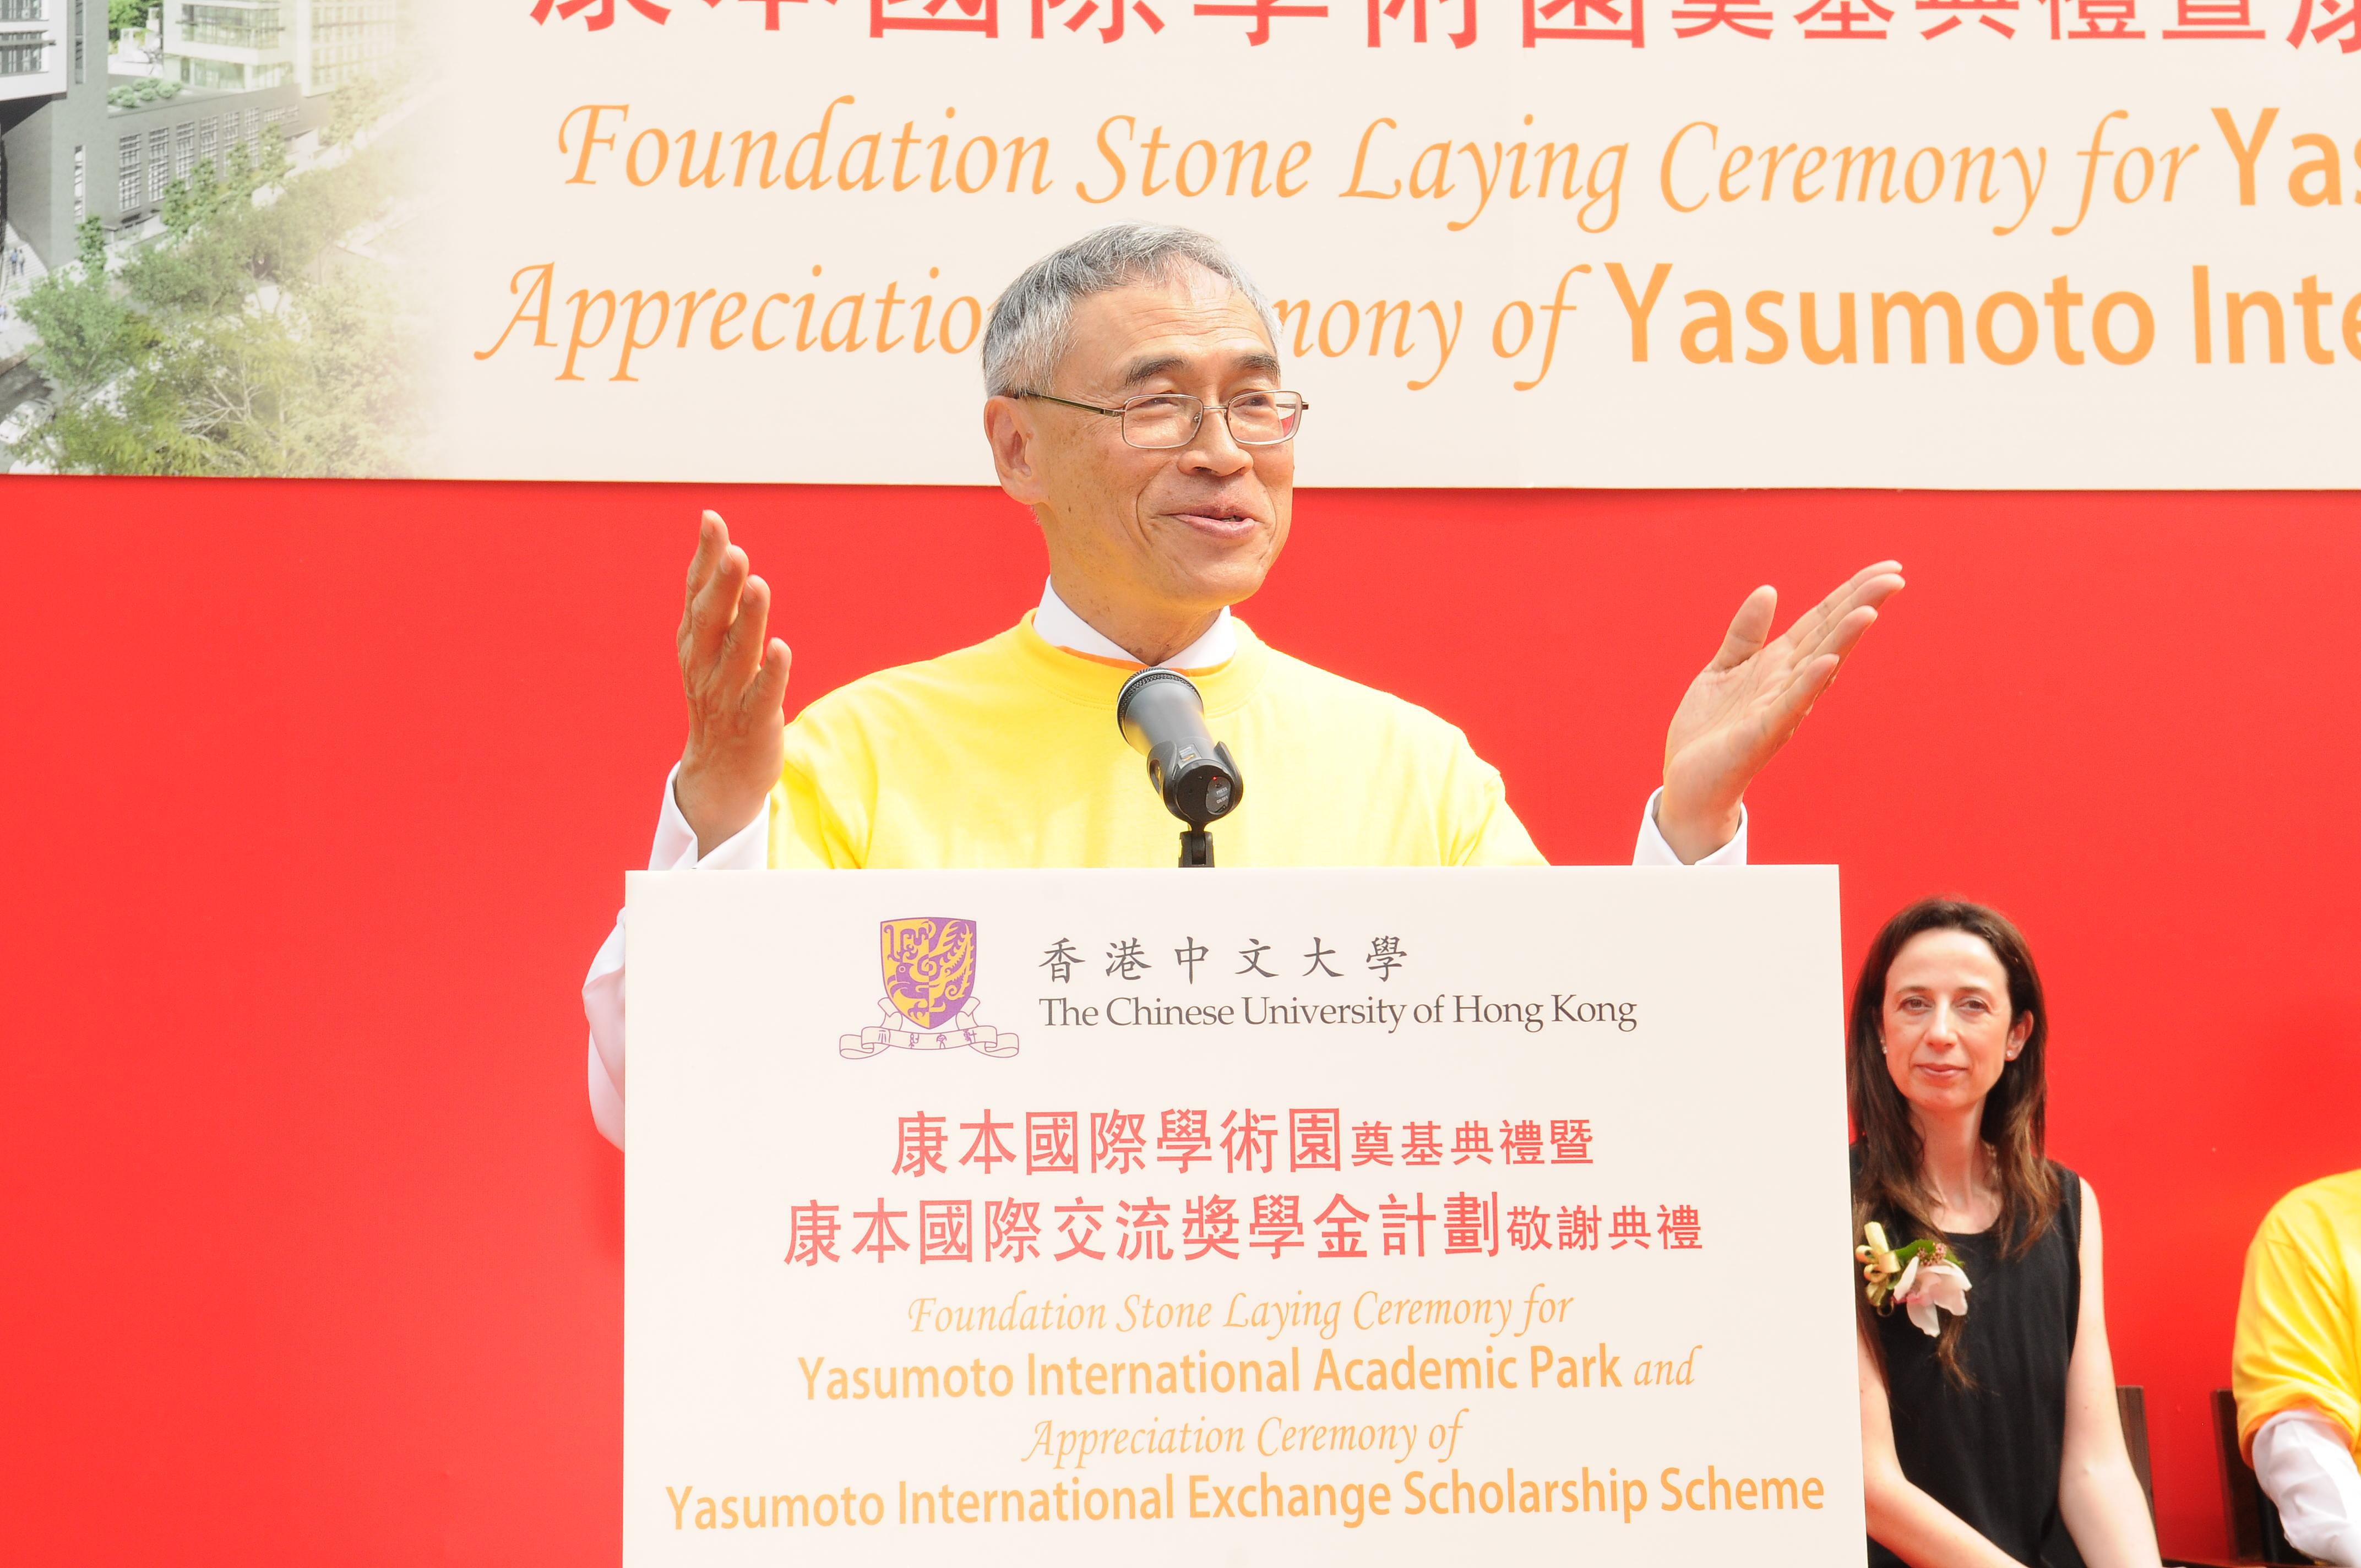 香港中文大学校长刘遵义教授